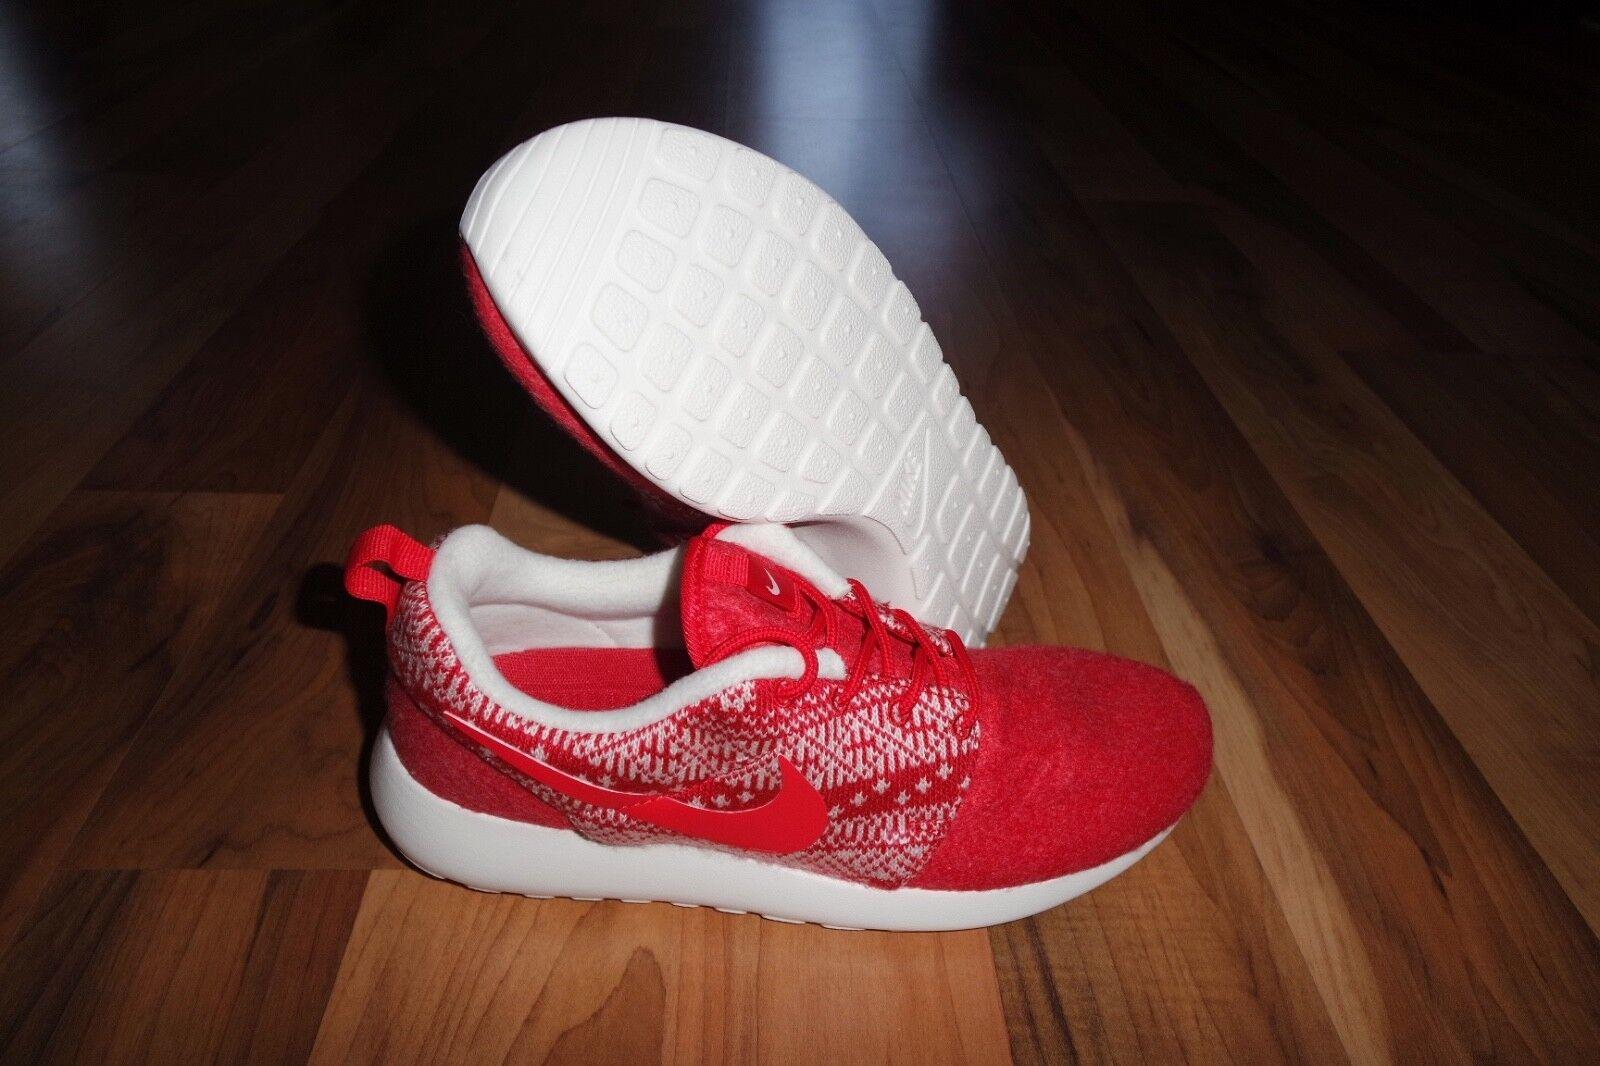 Nike Women's Roshe One Winter 685286 661 UNIVERSITY RED Shoe SZ 6.5, 7, 8, 8.5,9